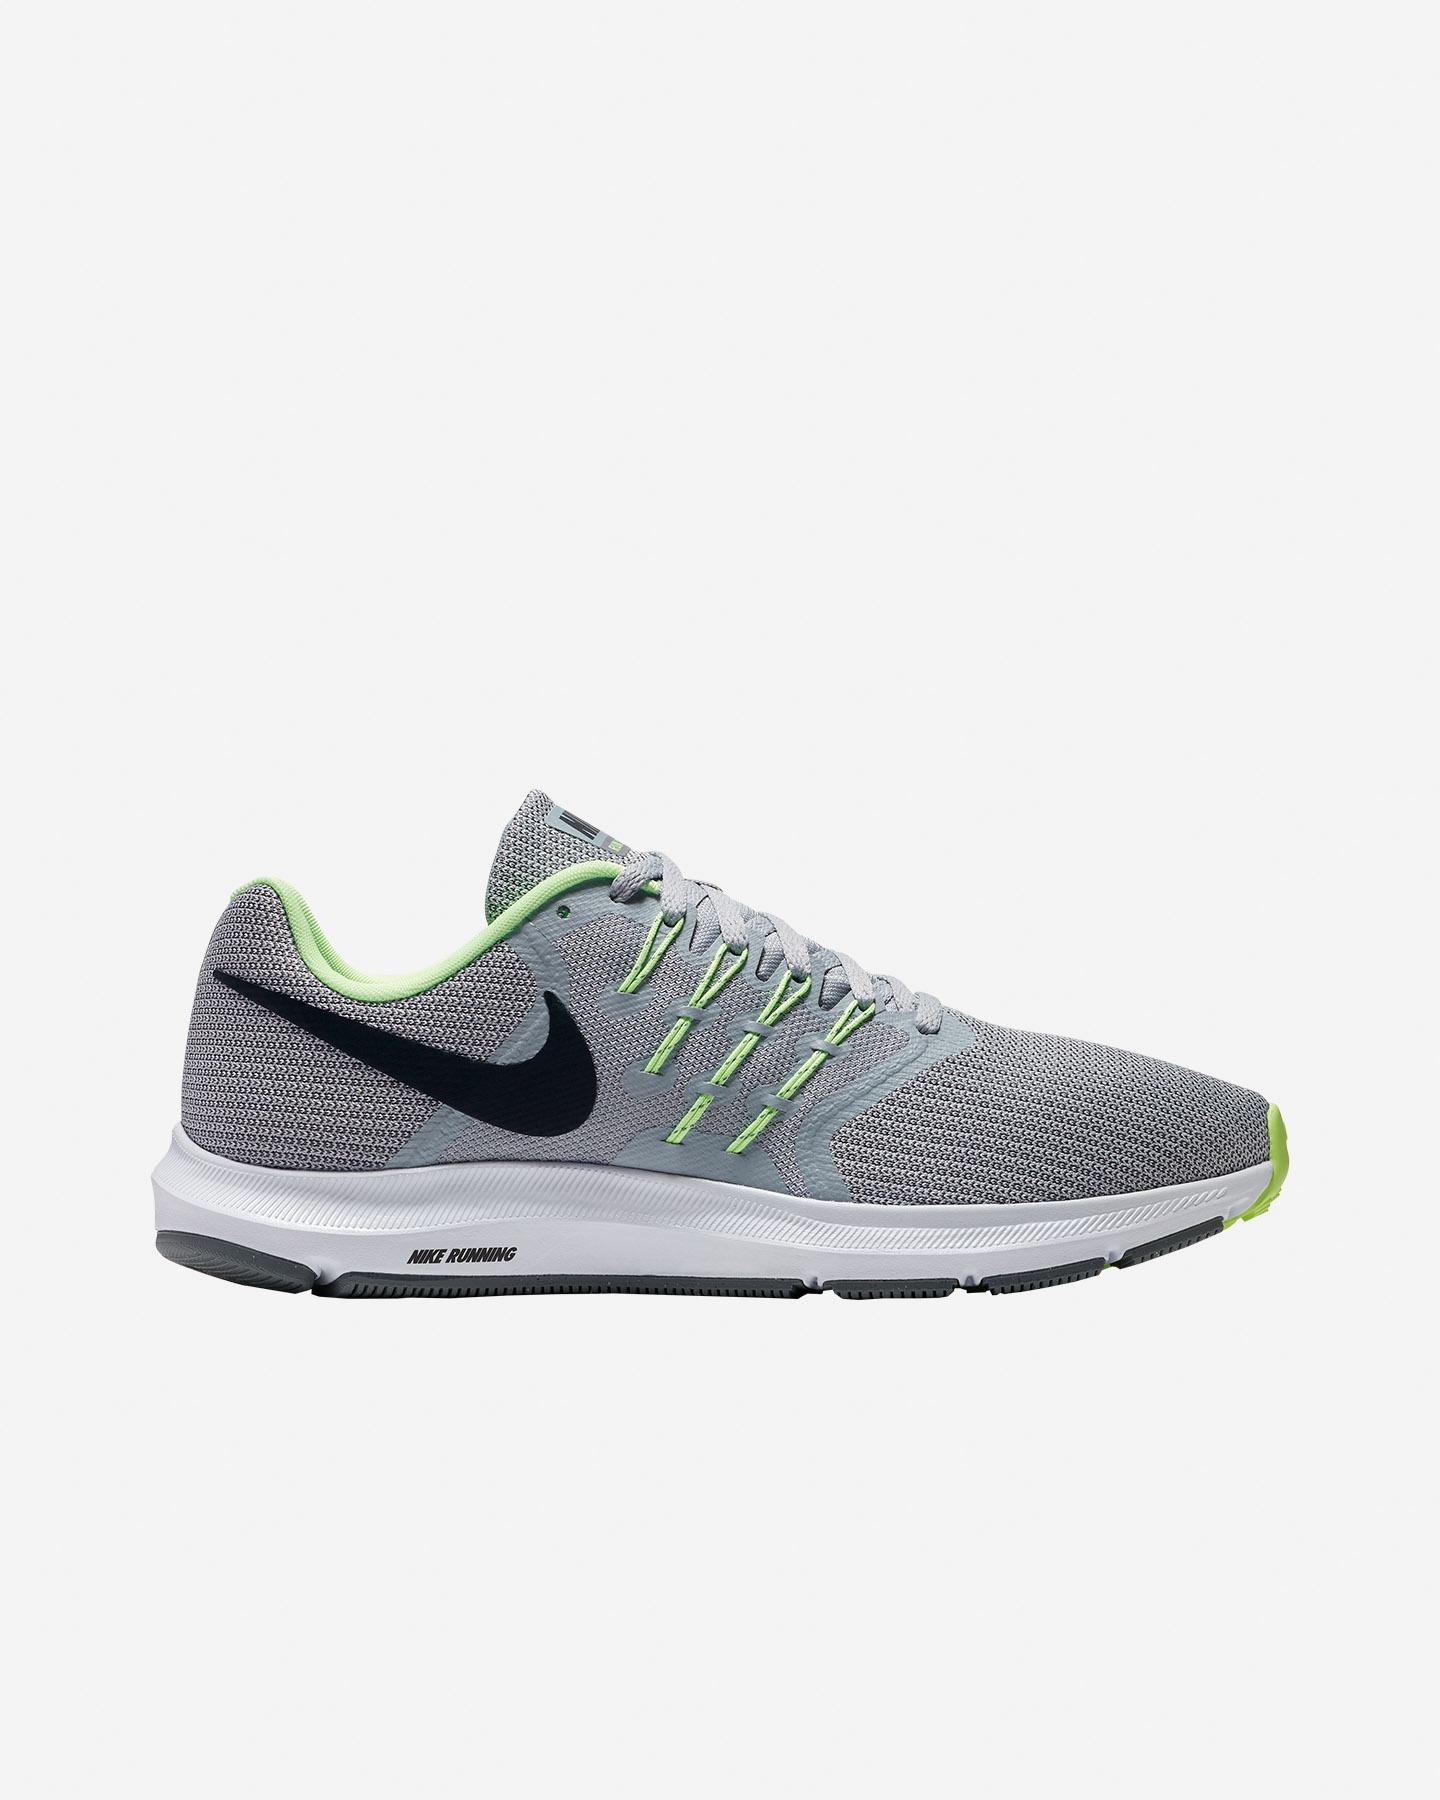 scarpe running nike prezzi